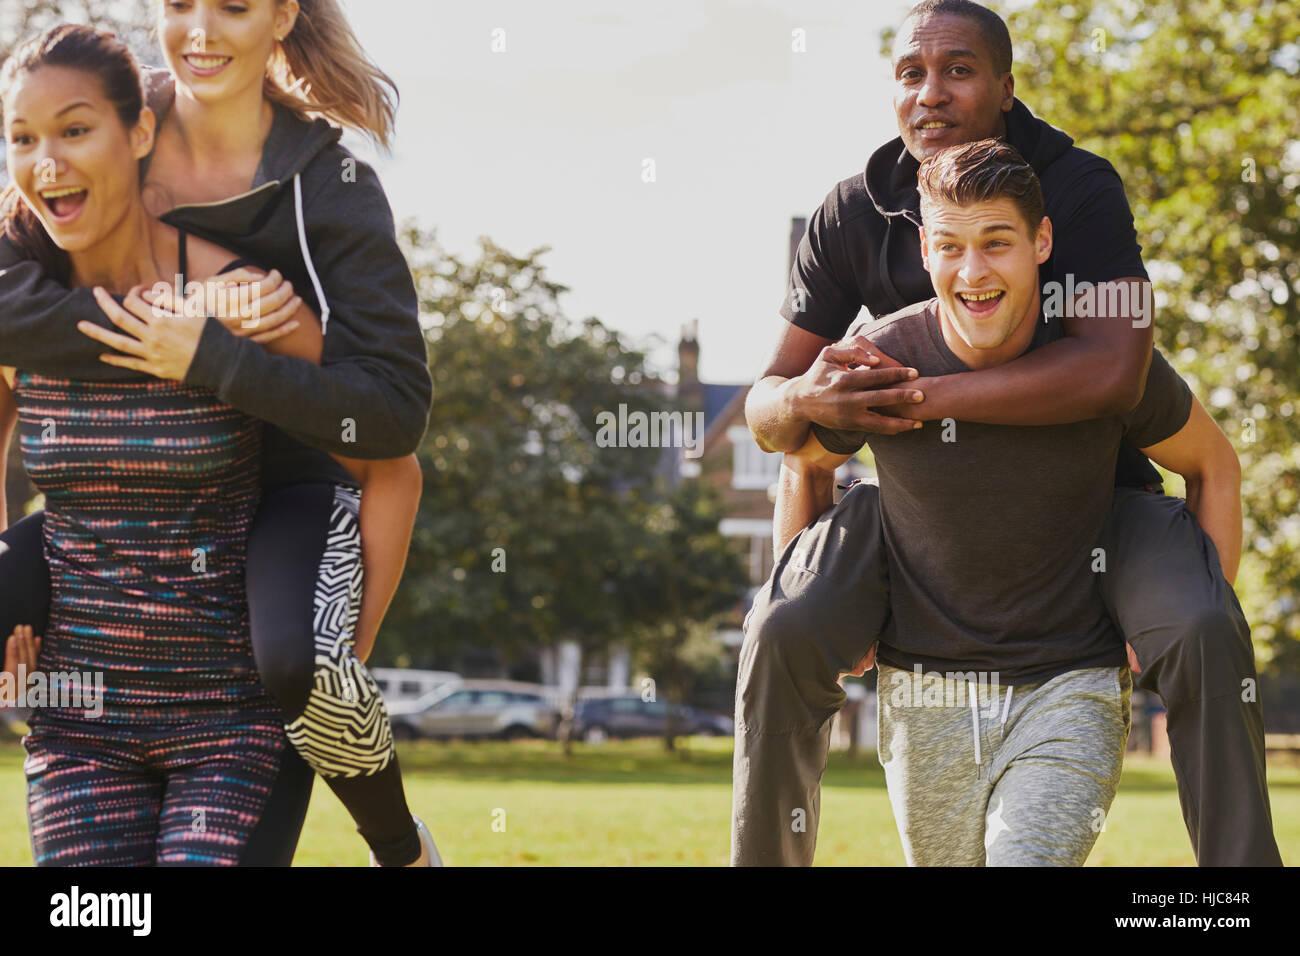 Hombres y mujeres con formación de diversión en el parque, habiendo piggy back raza Imagen De Stock